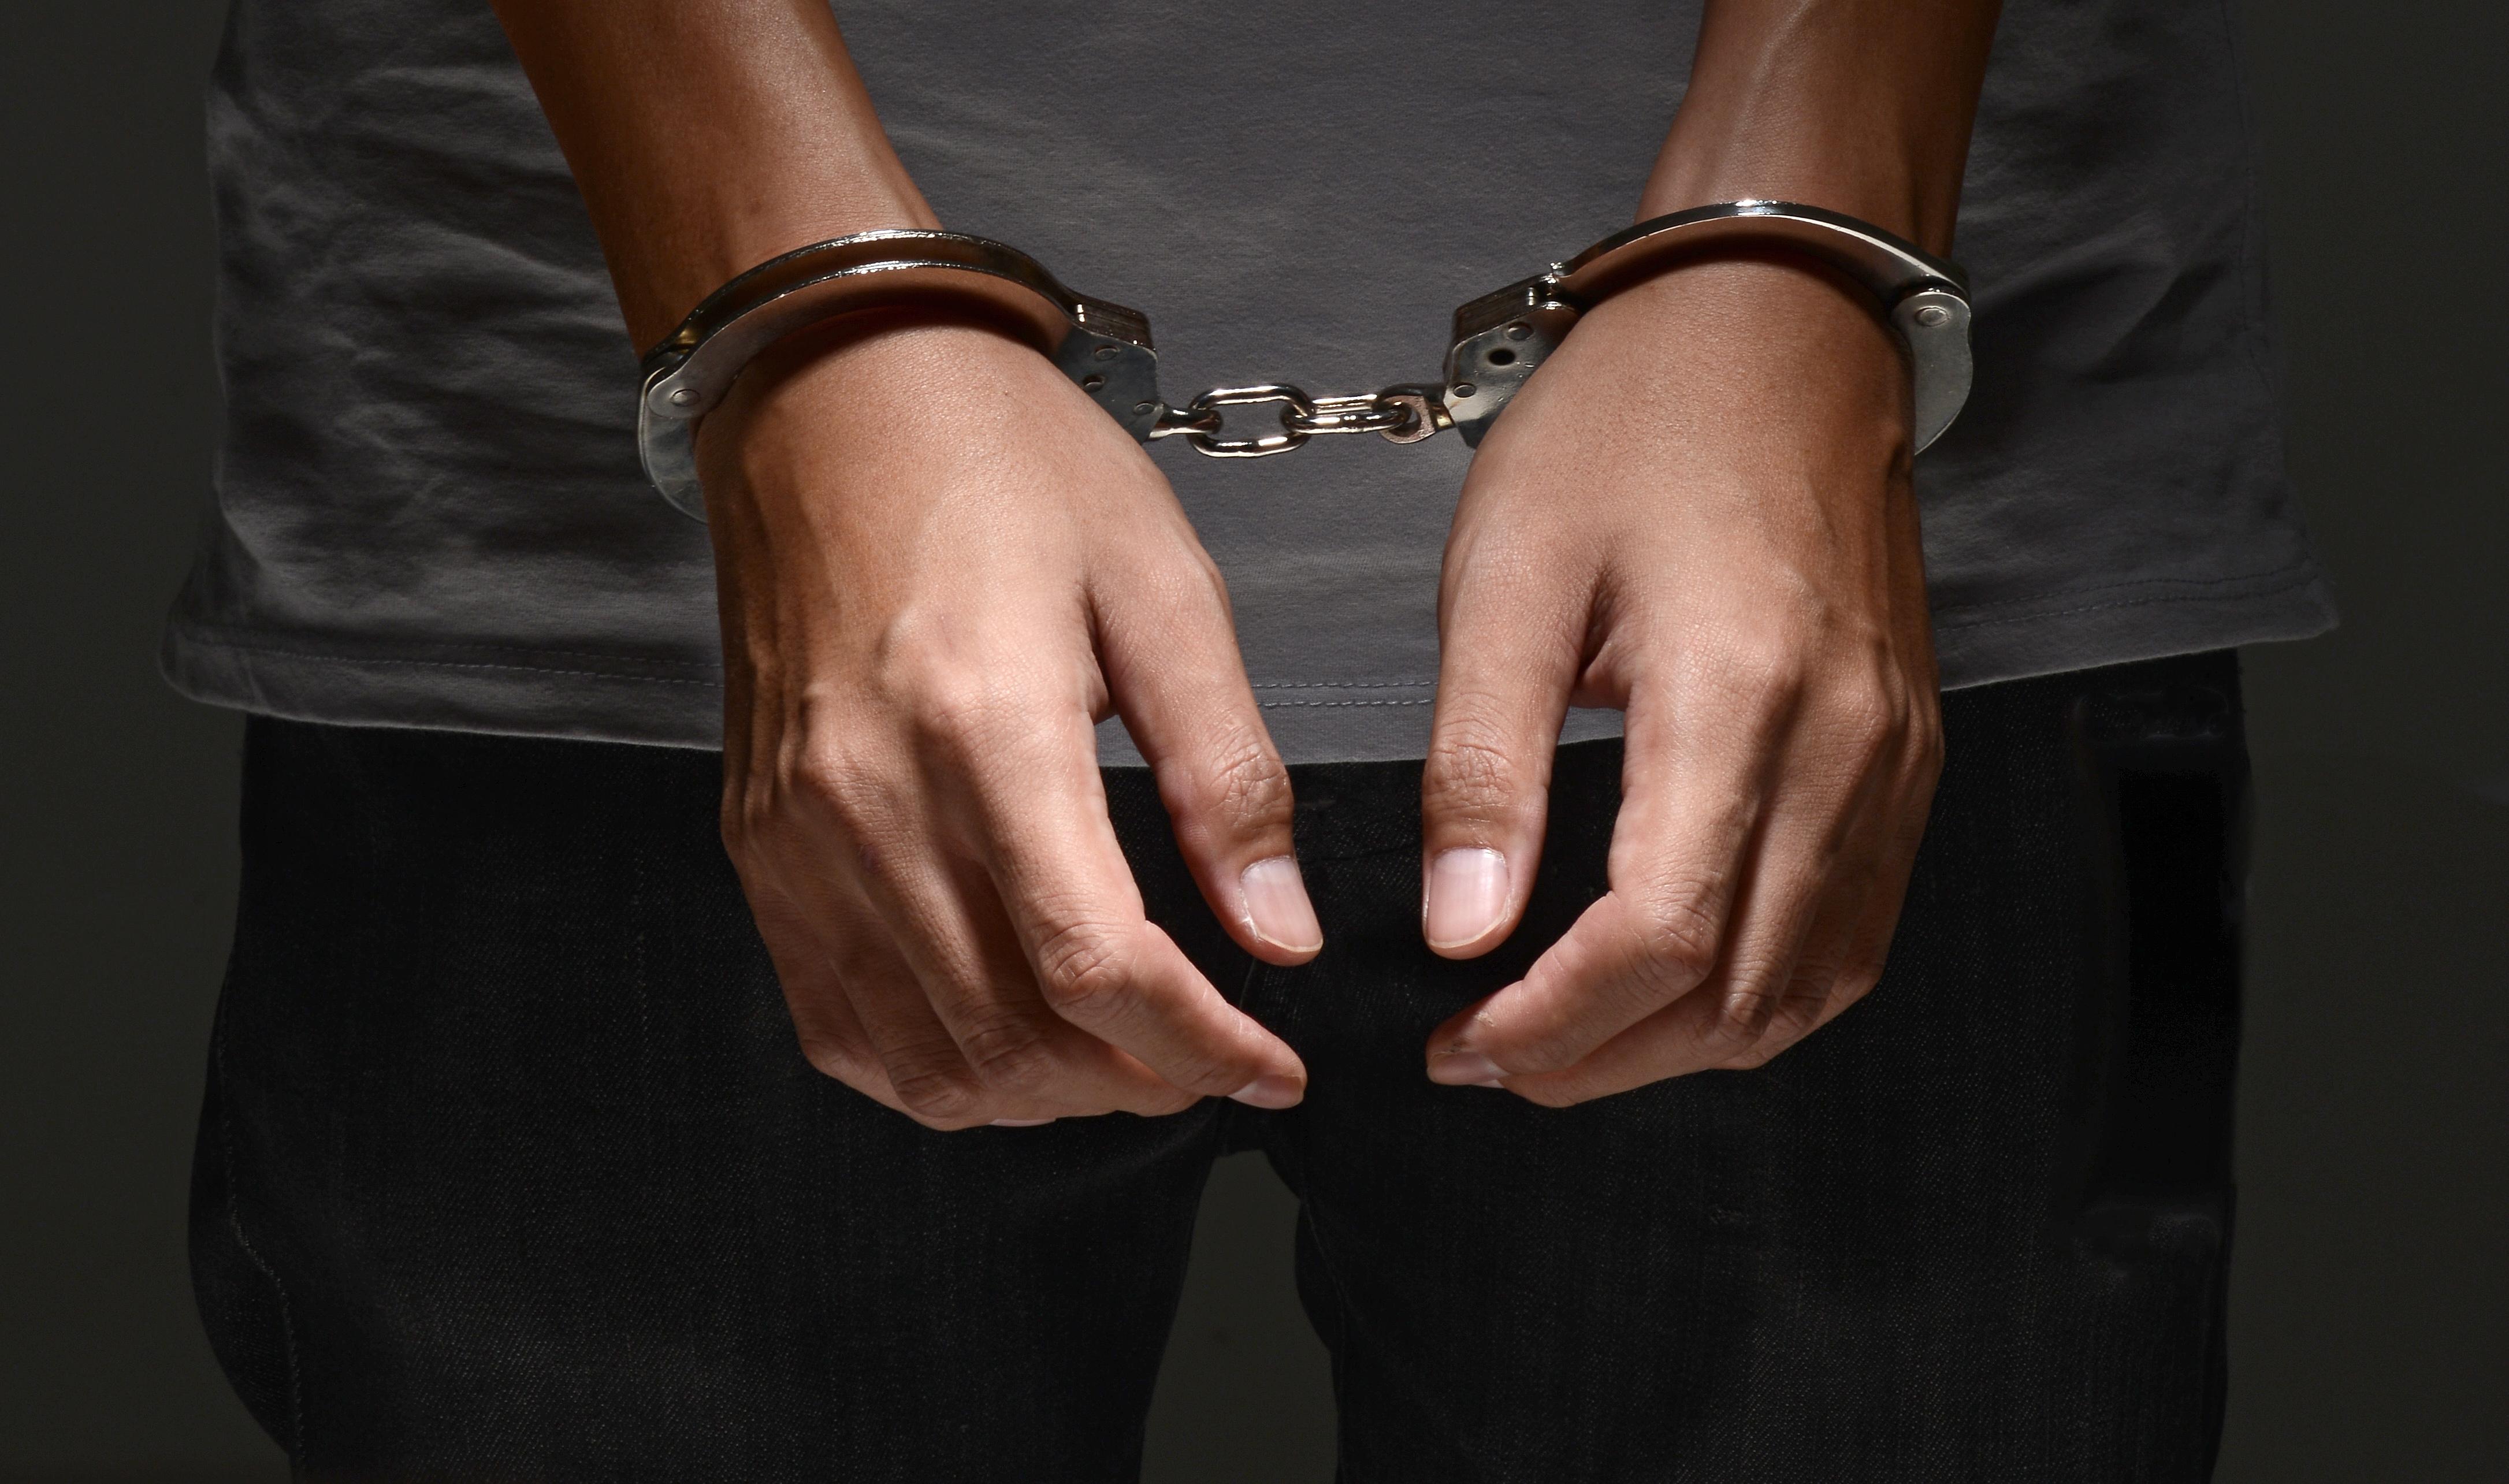 Les deux suspects ont été placés en garde à vue à la disposition de l'enquête menée sous la supervision du parquet compétent.  Ph: DR.